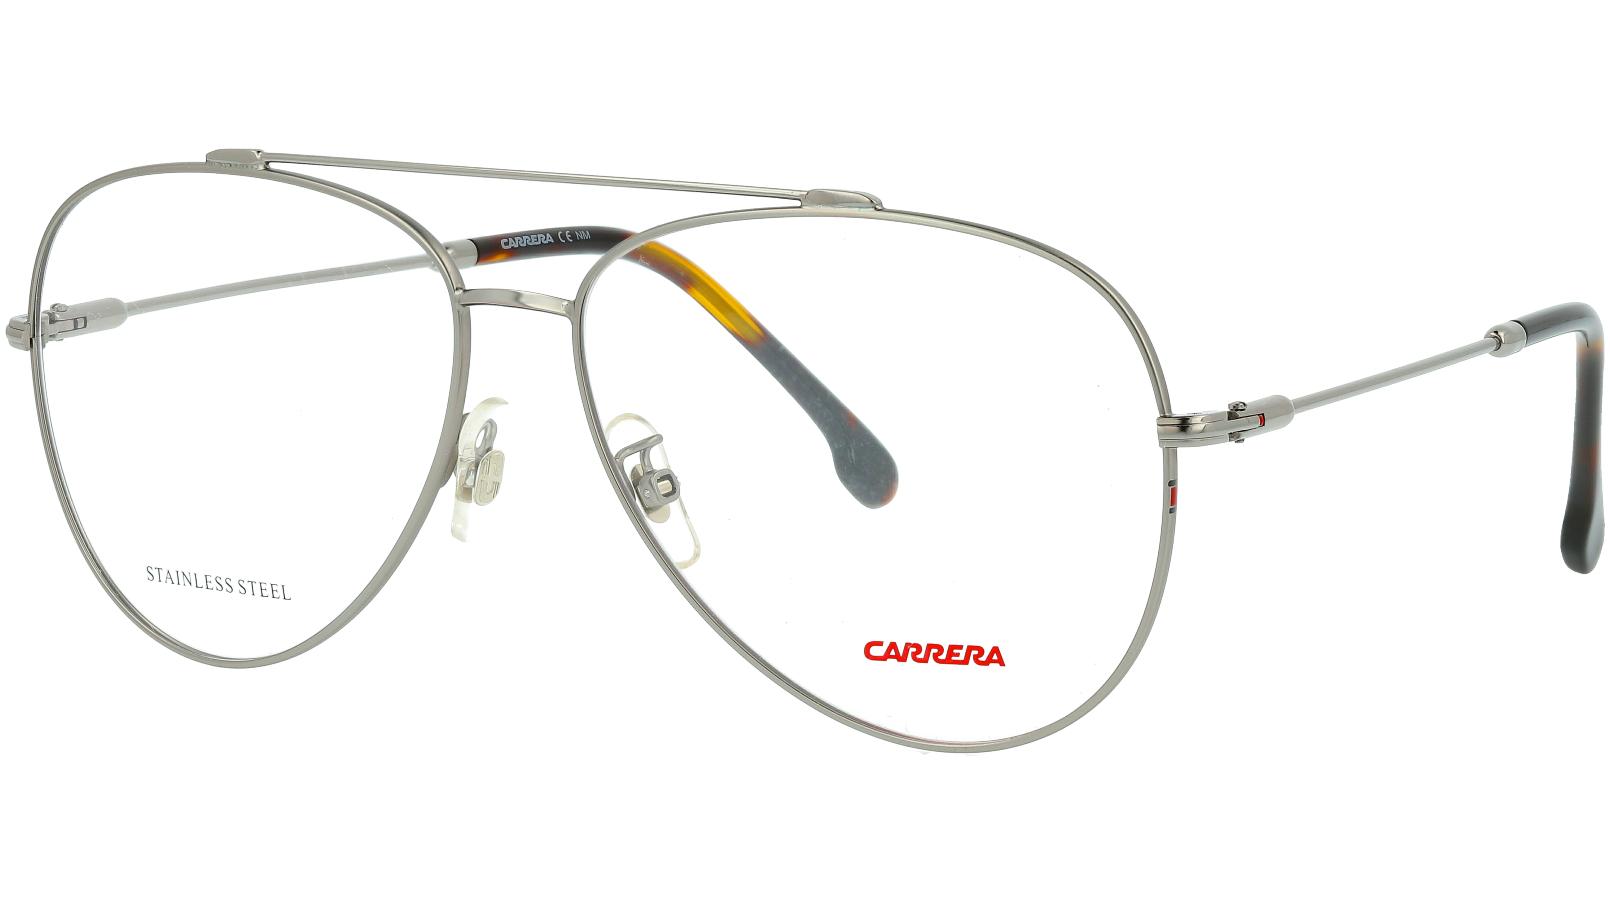 CARRERA CARRERA 183/G 6LB 62 RUTHENIUM Glasses